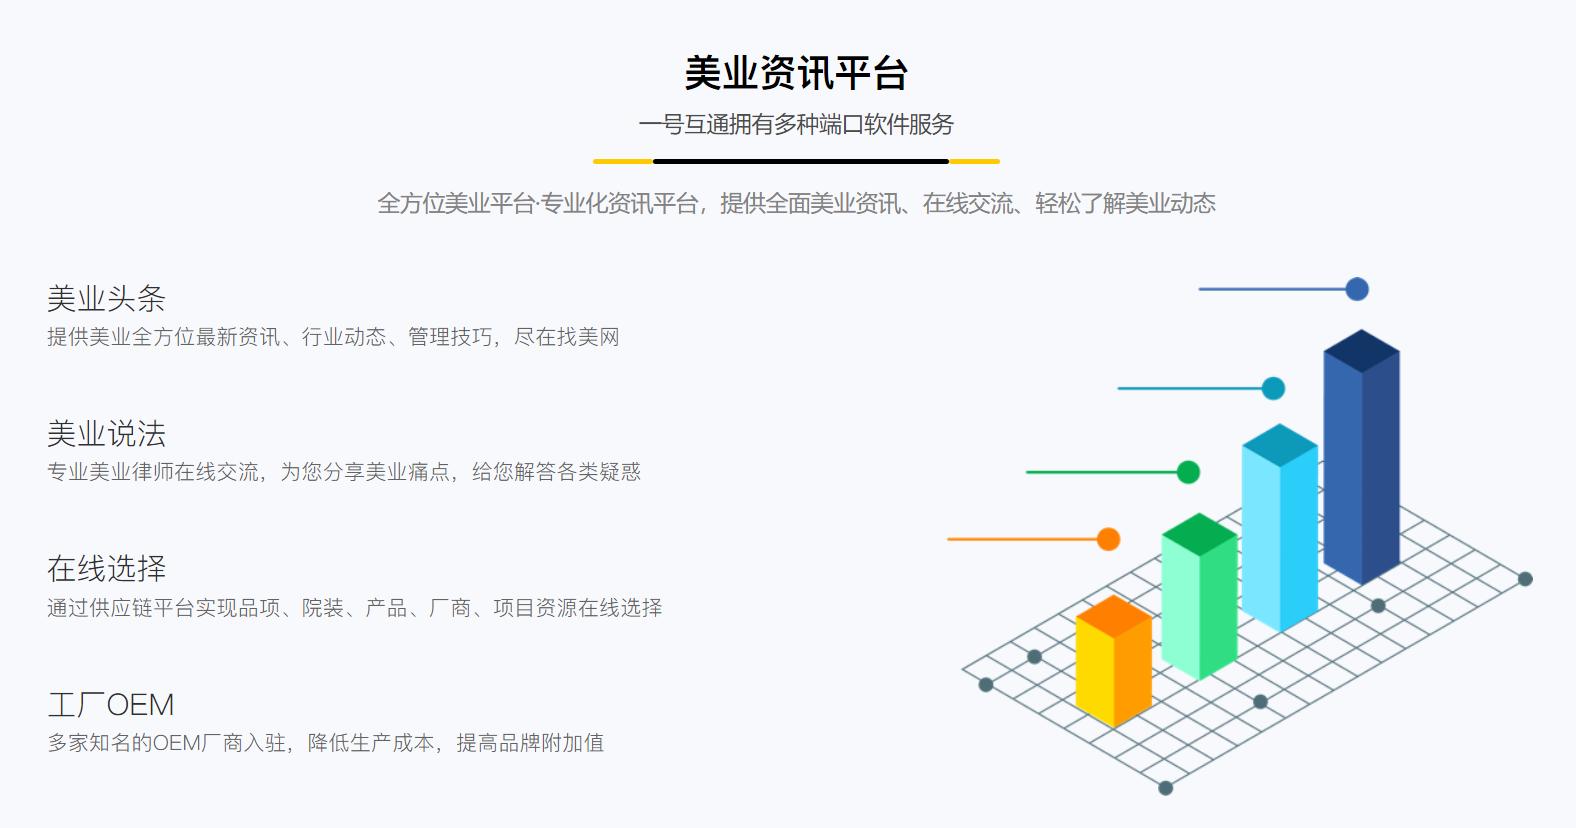 韶关美业SaaS系统作用 广州市找美网科技供应